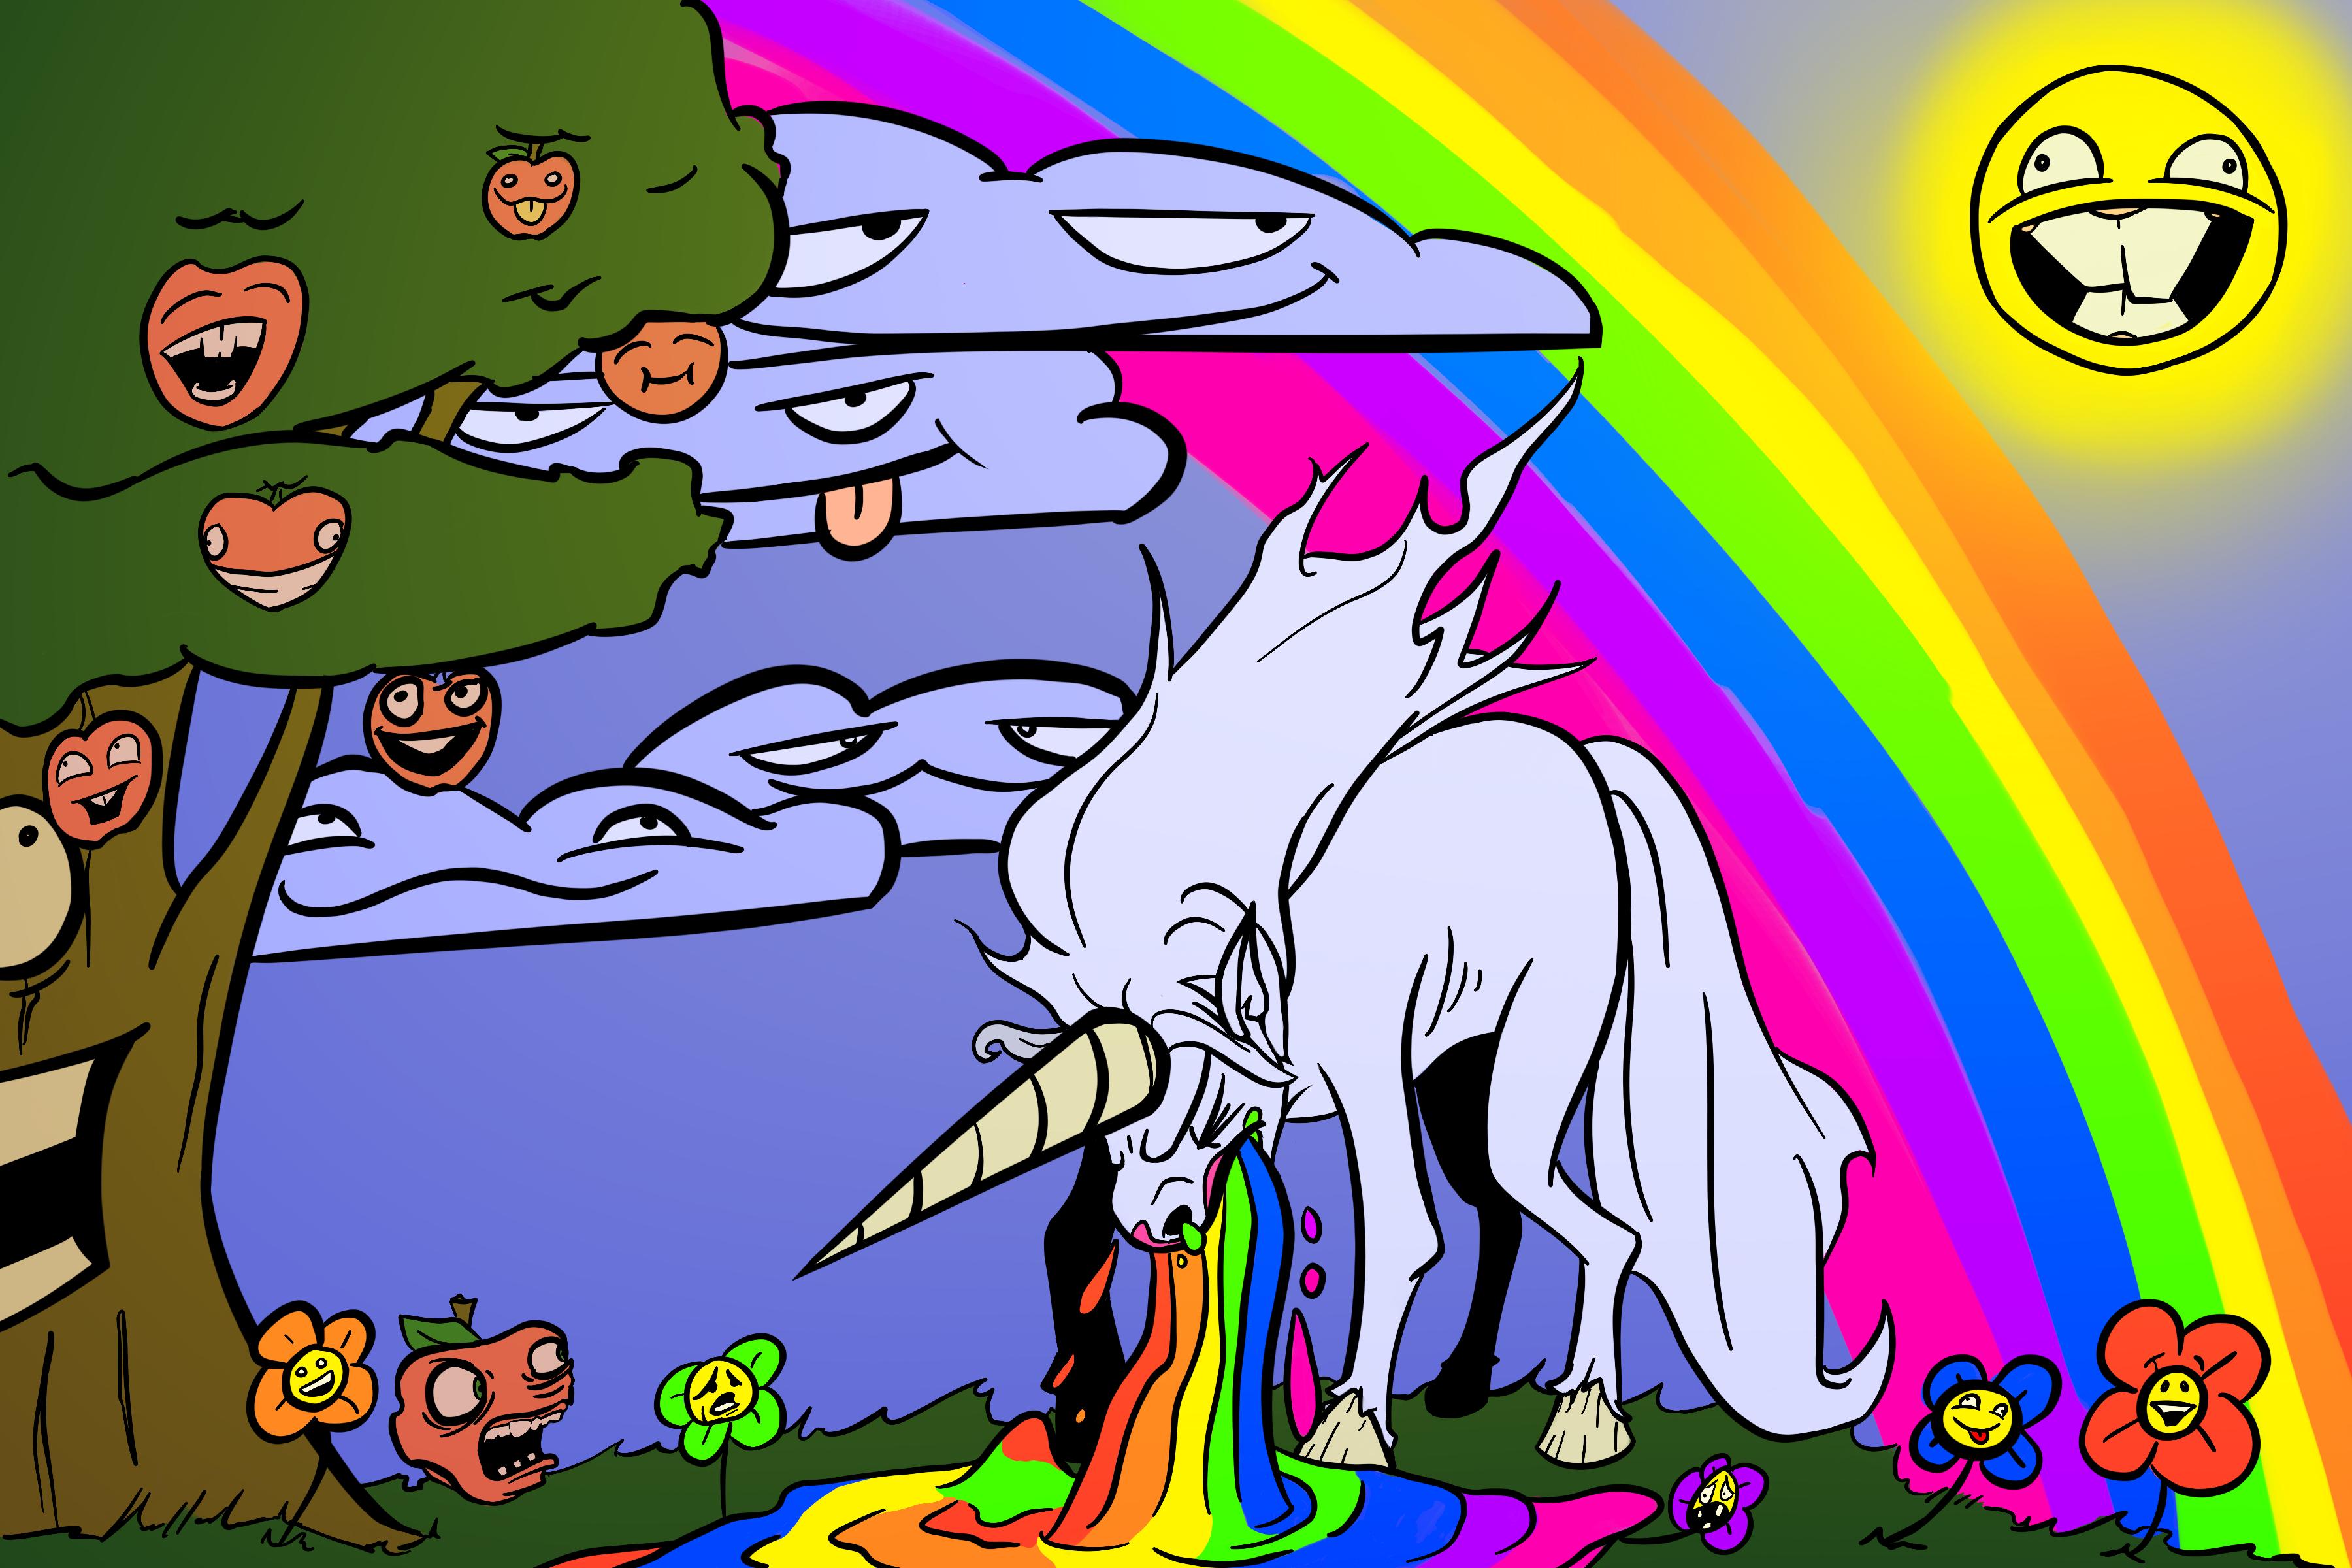 It's a Unicorn, Yay